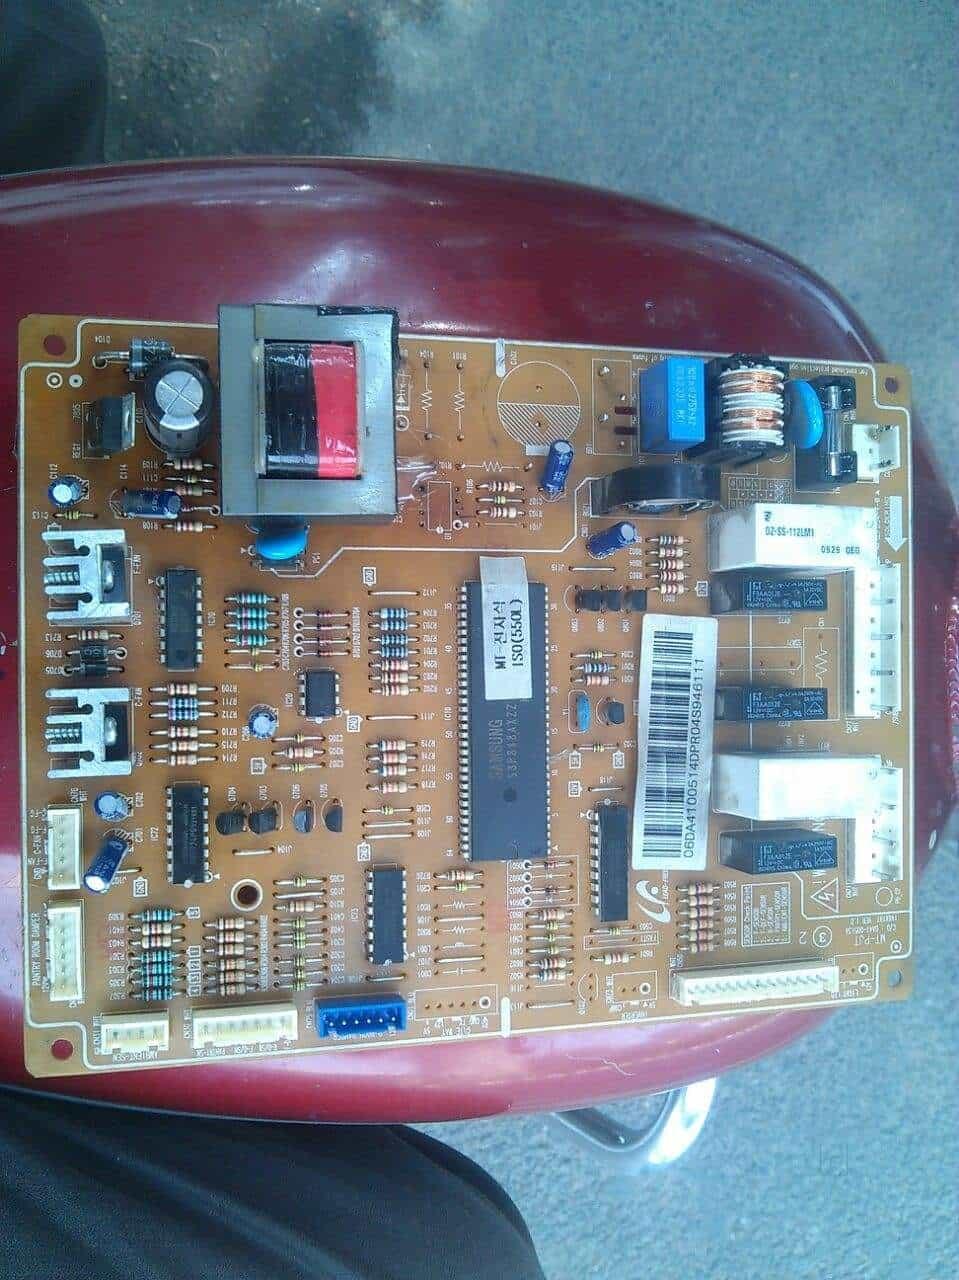 Repair Delhi NCR, Ashok Vihar 1 - Refrigerator Repair